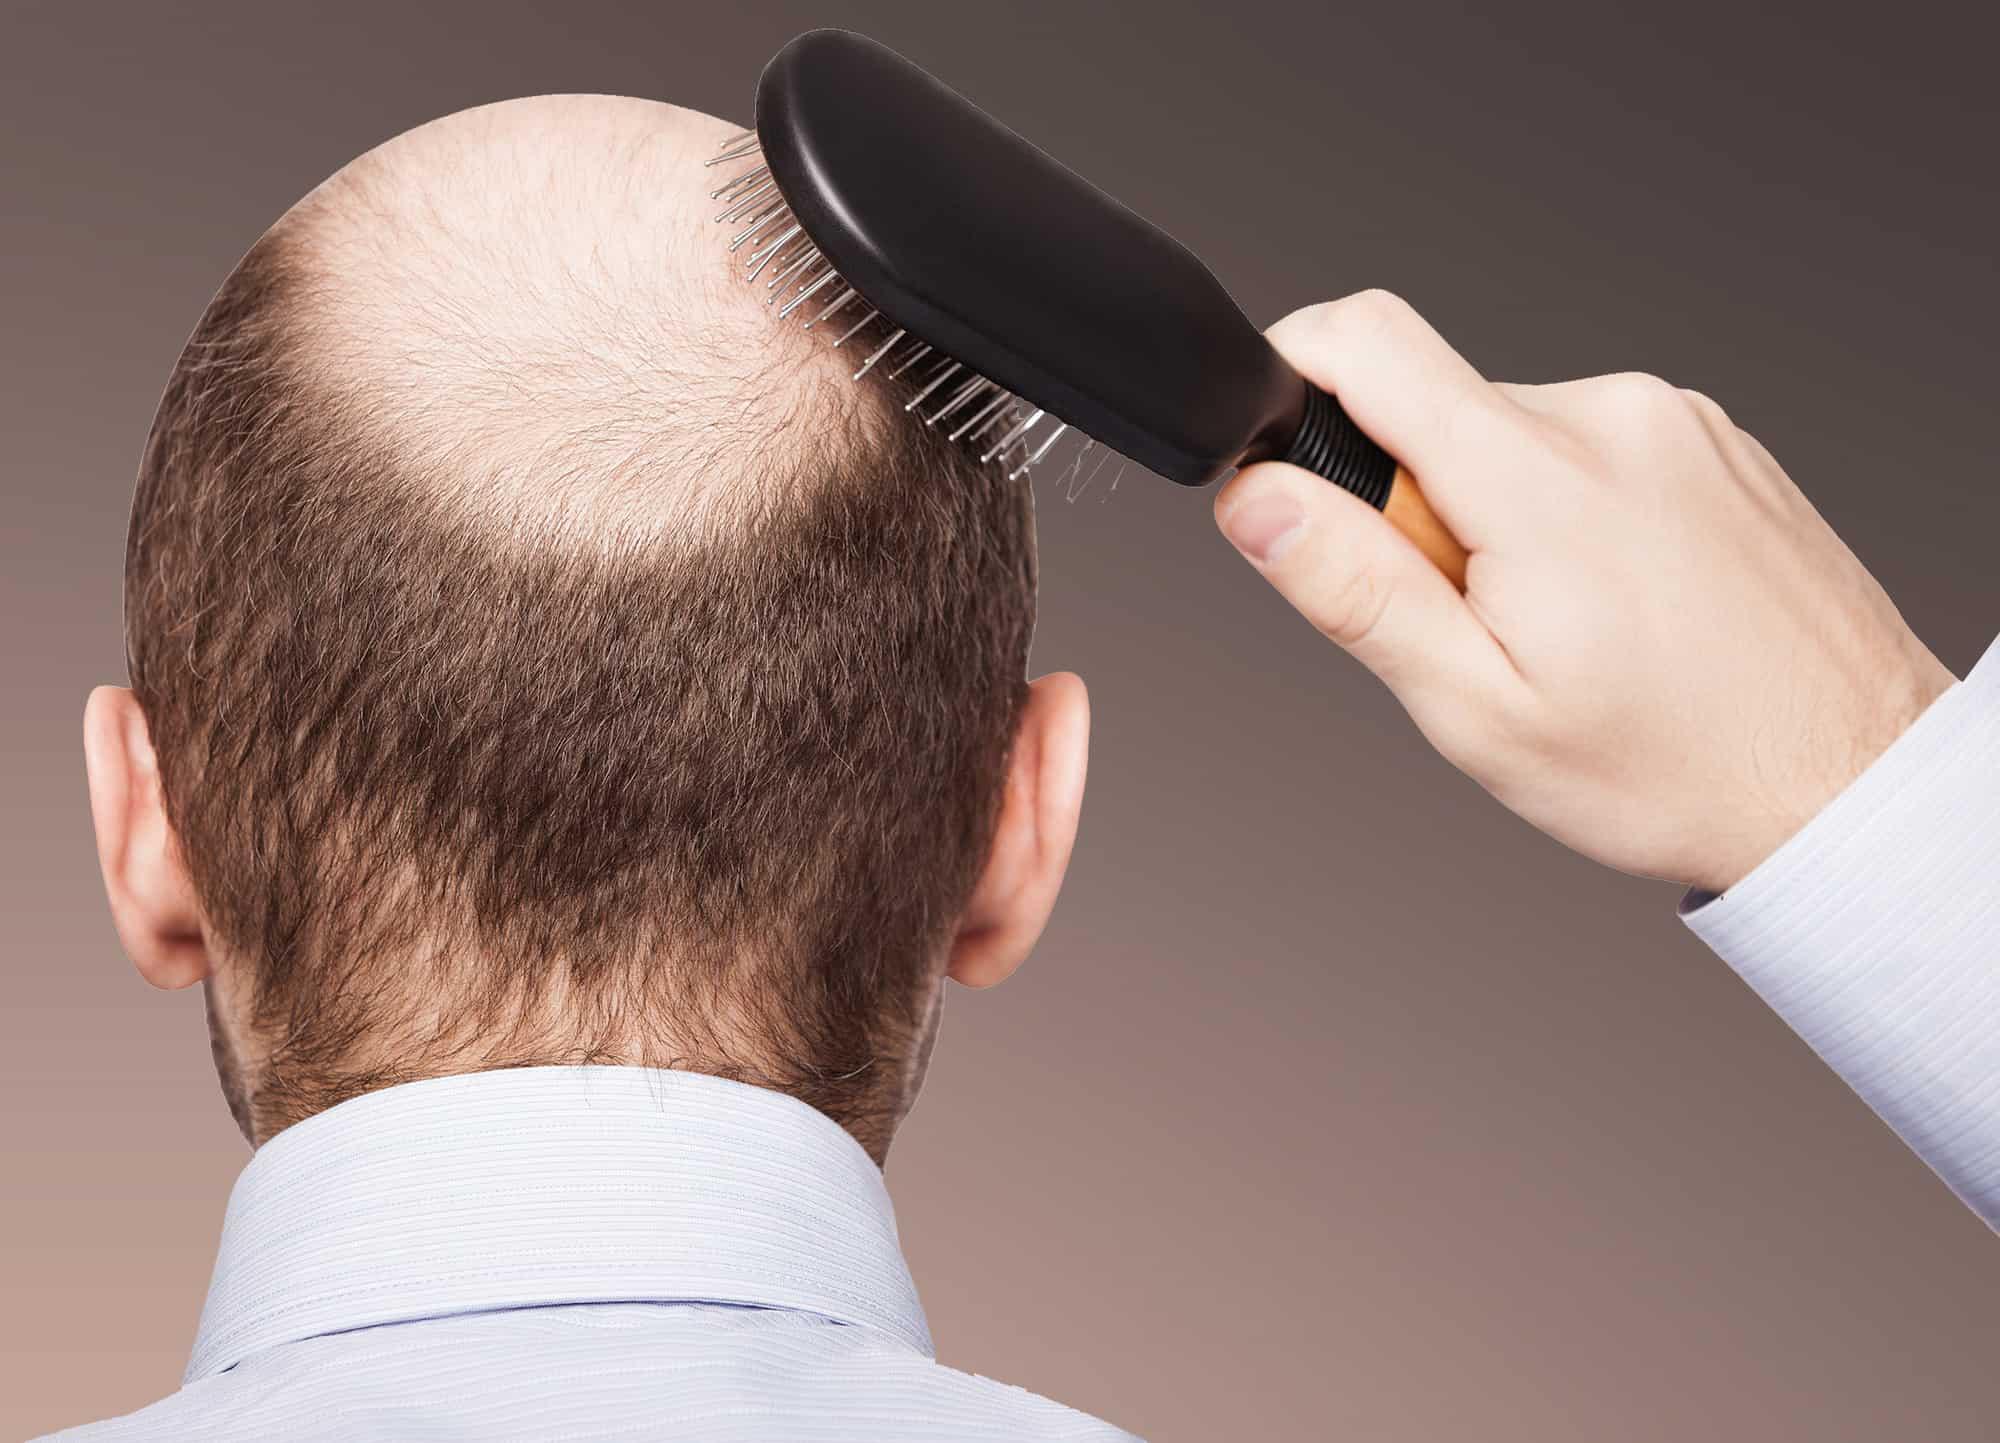 زراعة الشعر الصناعي - Zty زراعة الشعر في تركيا اسطنبول